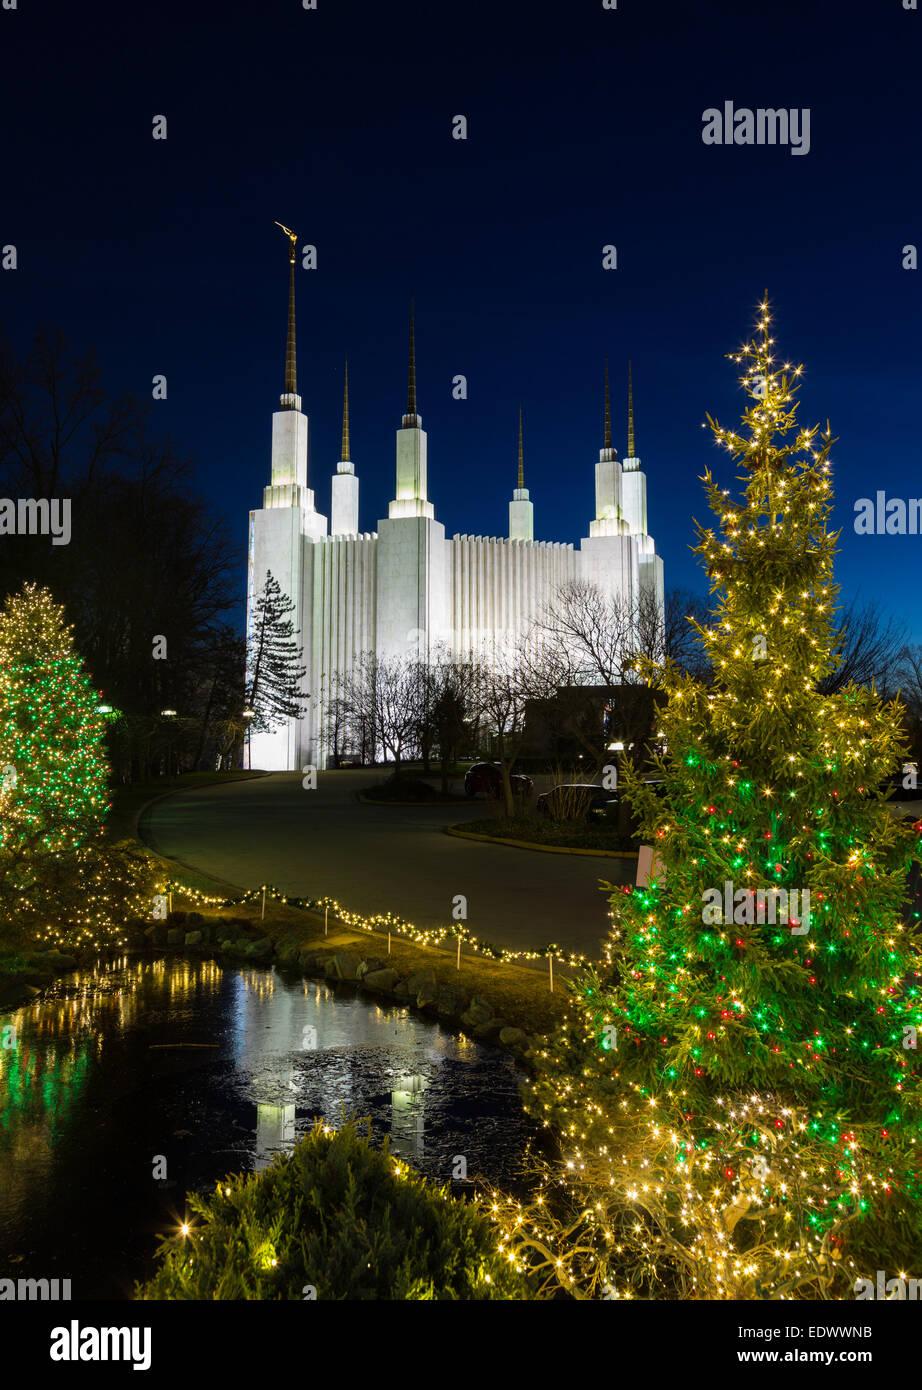 Christmas Lights At Washington Dc